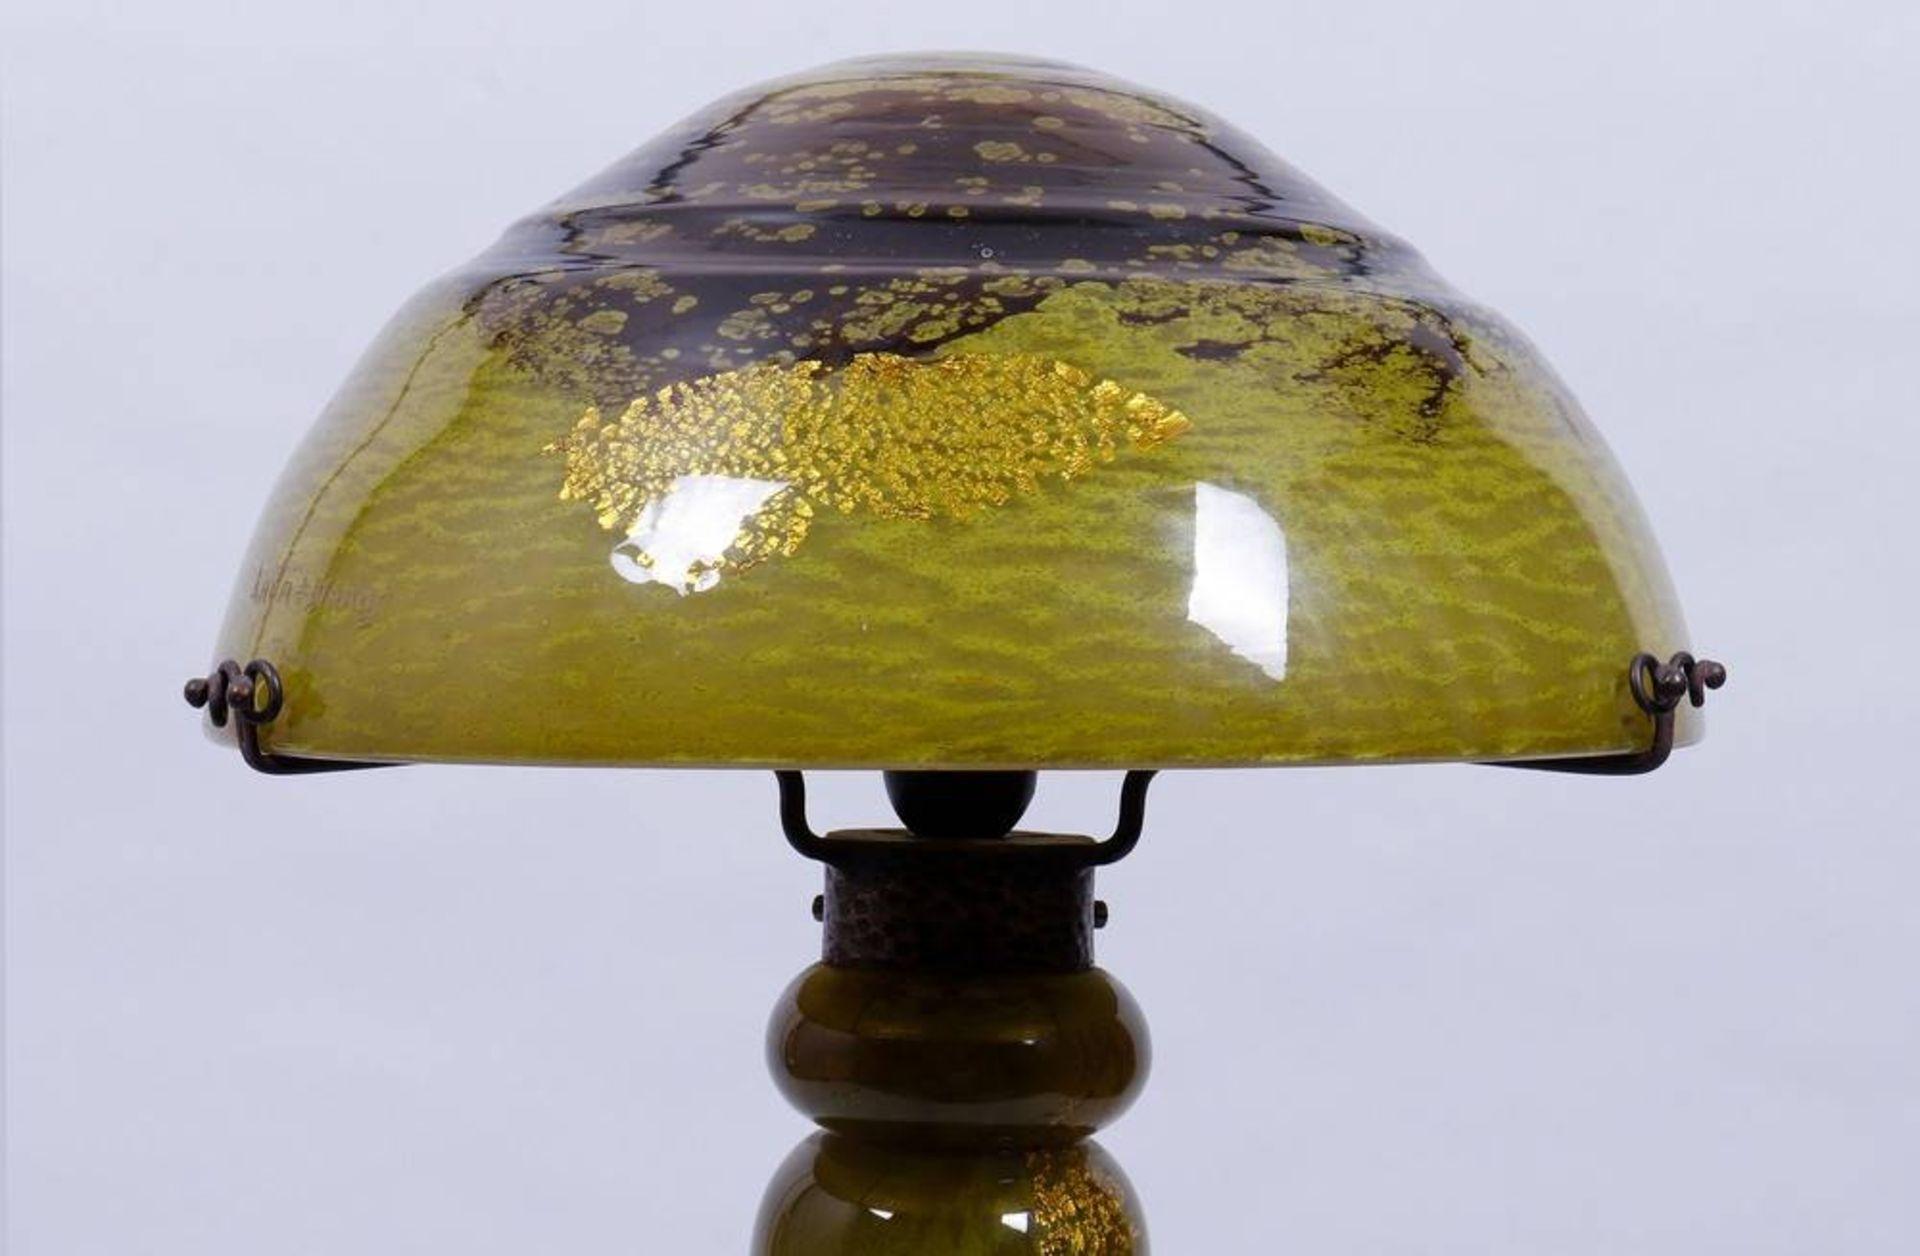 Large Art Nouveau table lamp, Daum, Nancy, ca. 1900/10 - Image 2 of 5